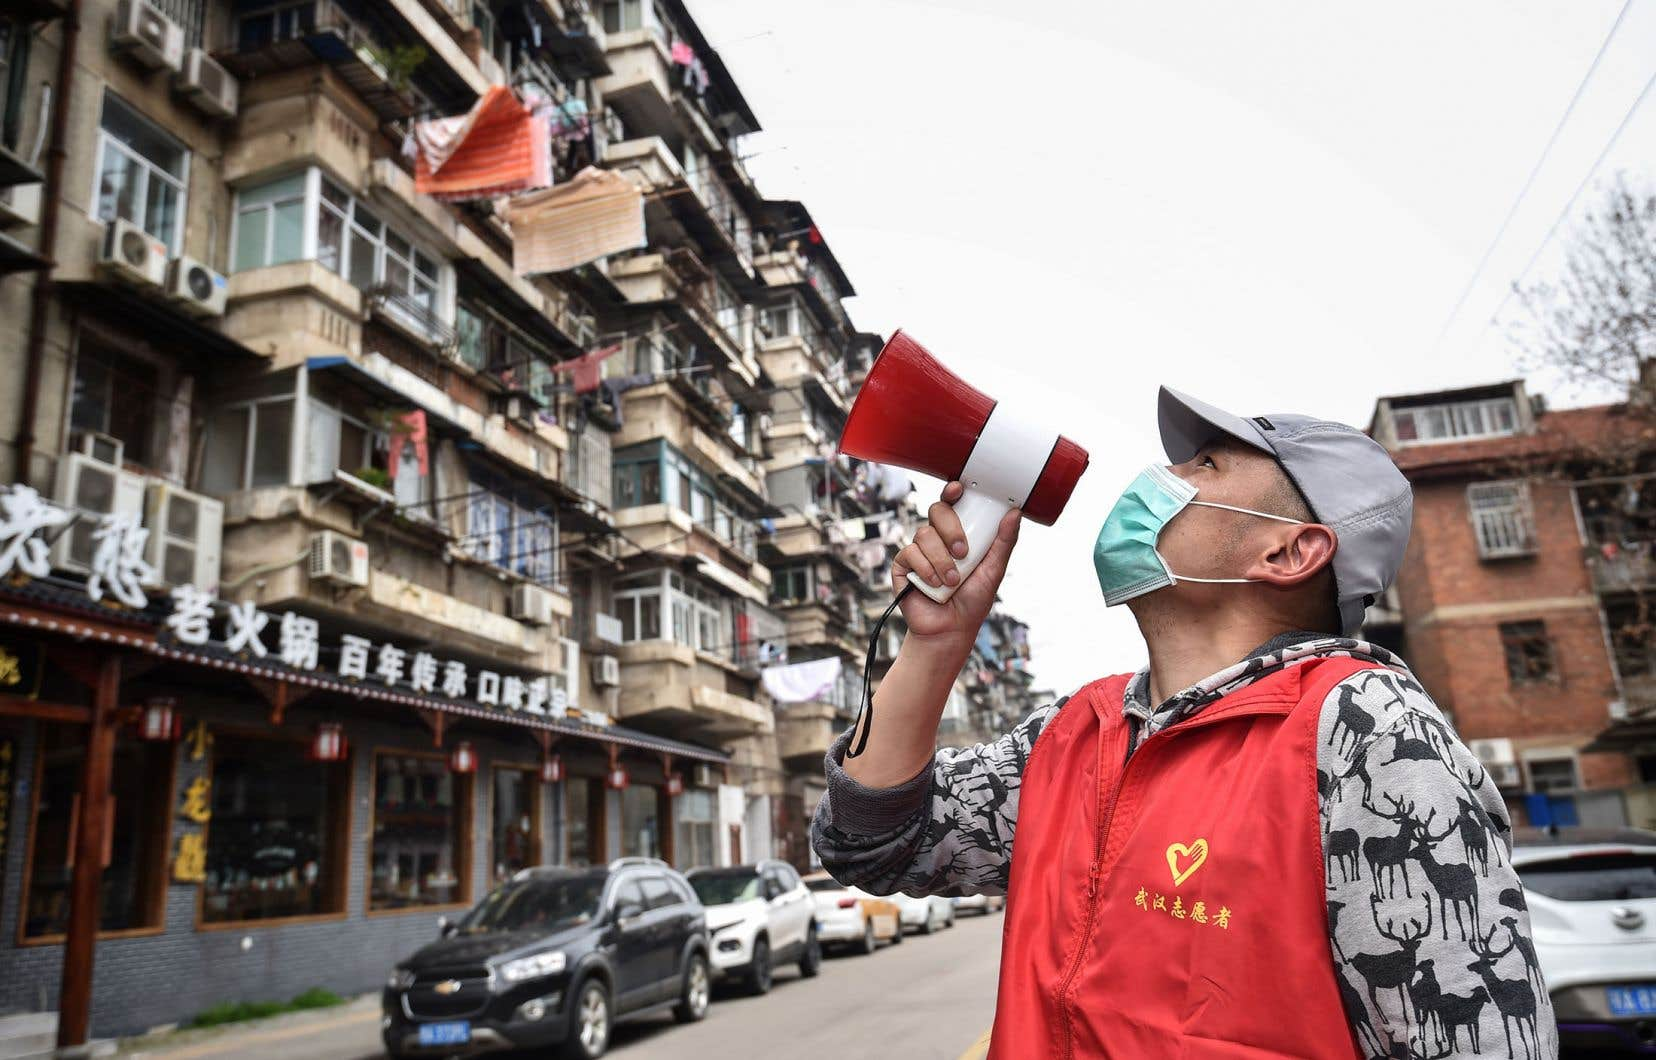 La décision des autorités chinoises de confiner complètement la ville de Wuhan, berceau de la pandémie de coronavirus, il y a deux mois a potentiellement évité plus de 700000 cas supplémentaires, ont affirmé mardi des chercheurs.